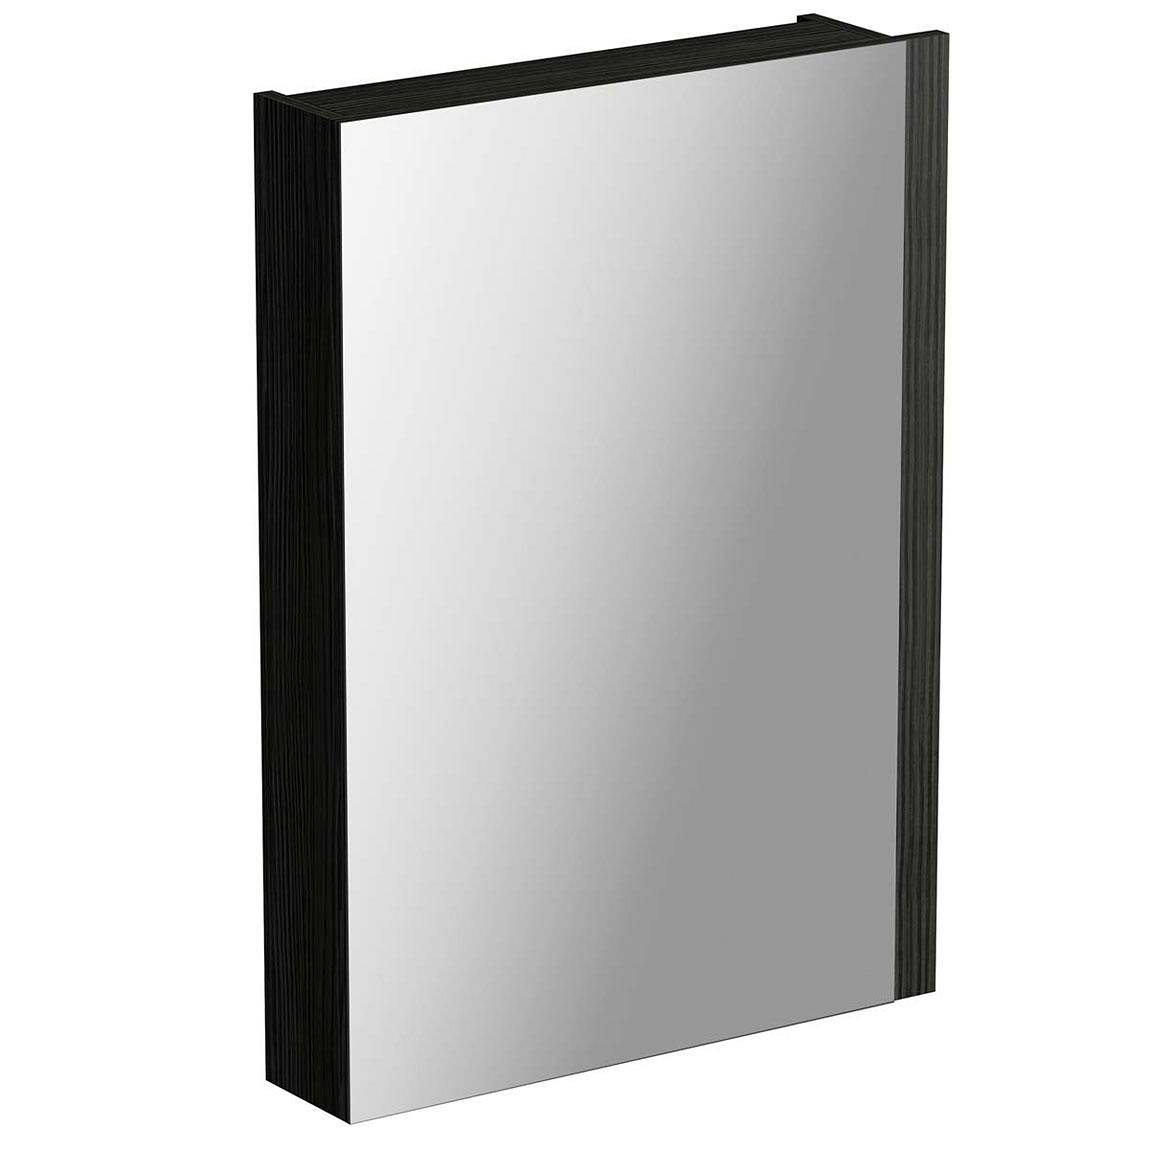 Image of Drift Essen Mirror Cabinet